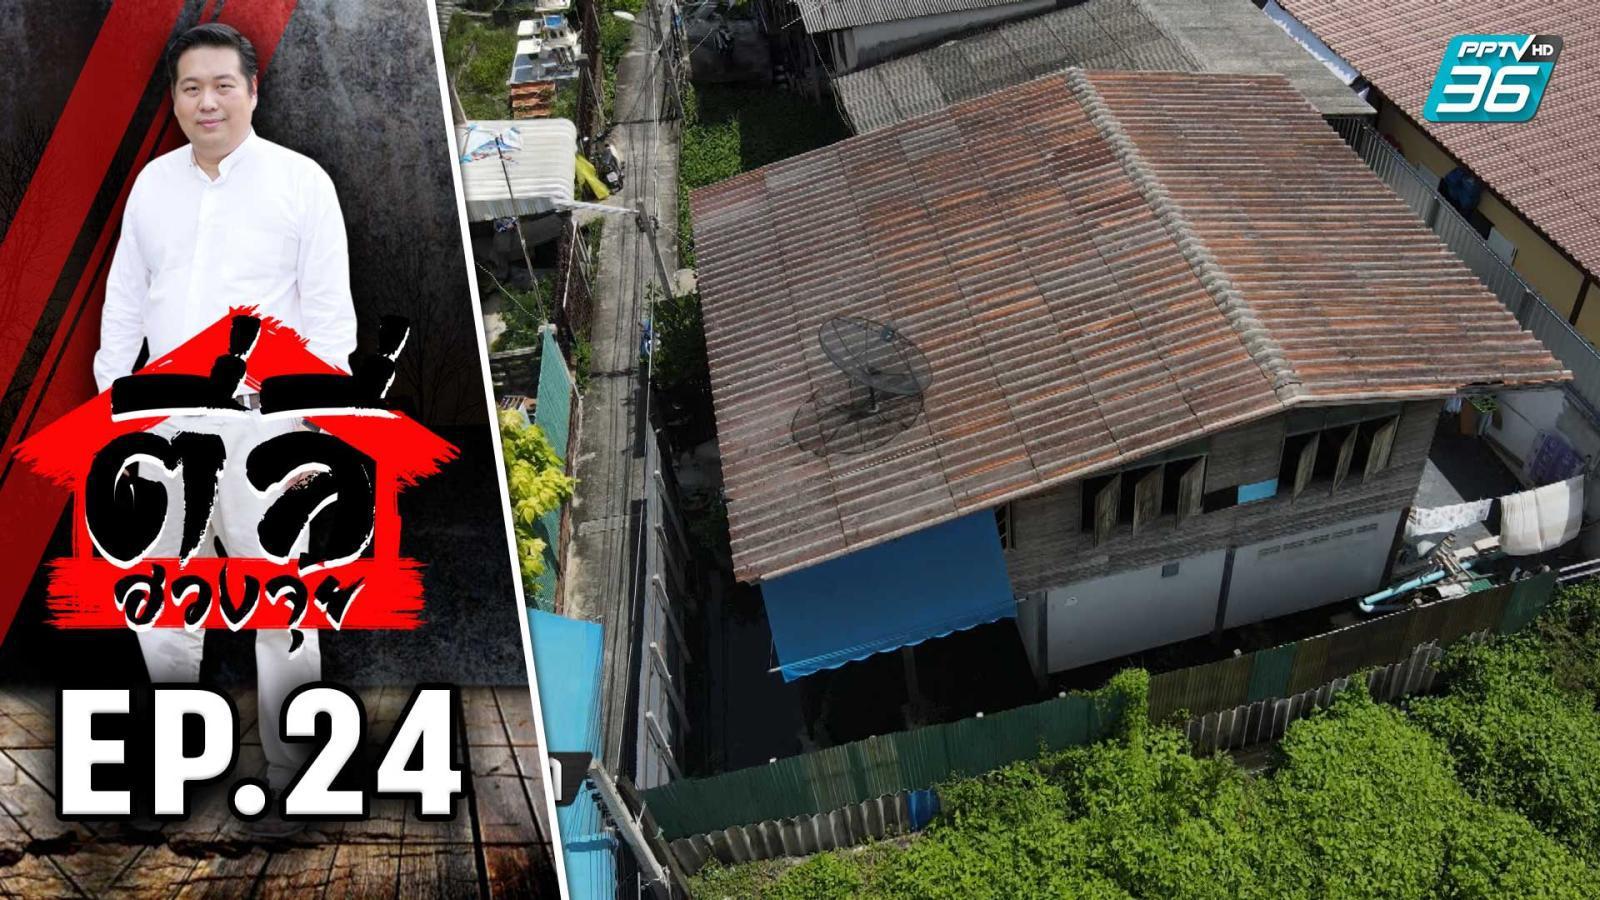 ตี่ลี่ฮวงจุ้ย EP.24 | ตอน บ้านจากเป็นจากตาย | PPTV HD 36